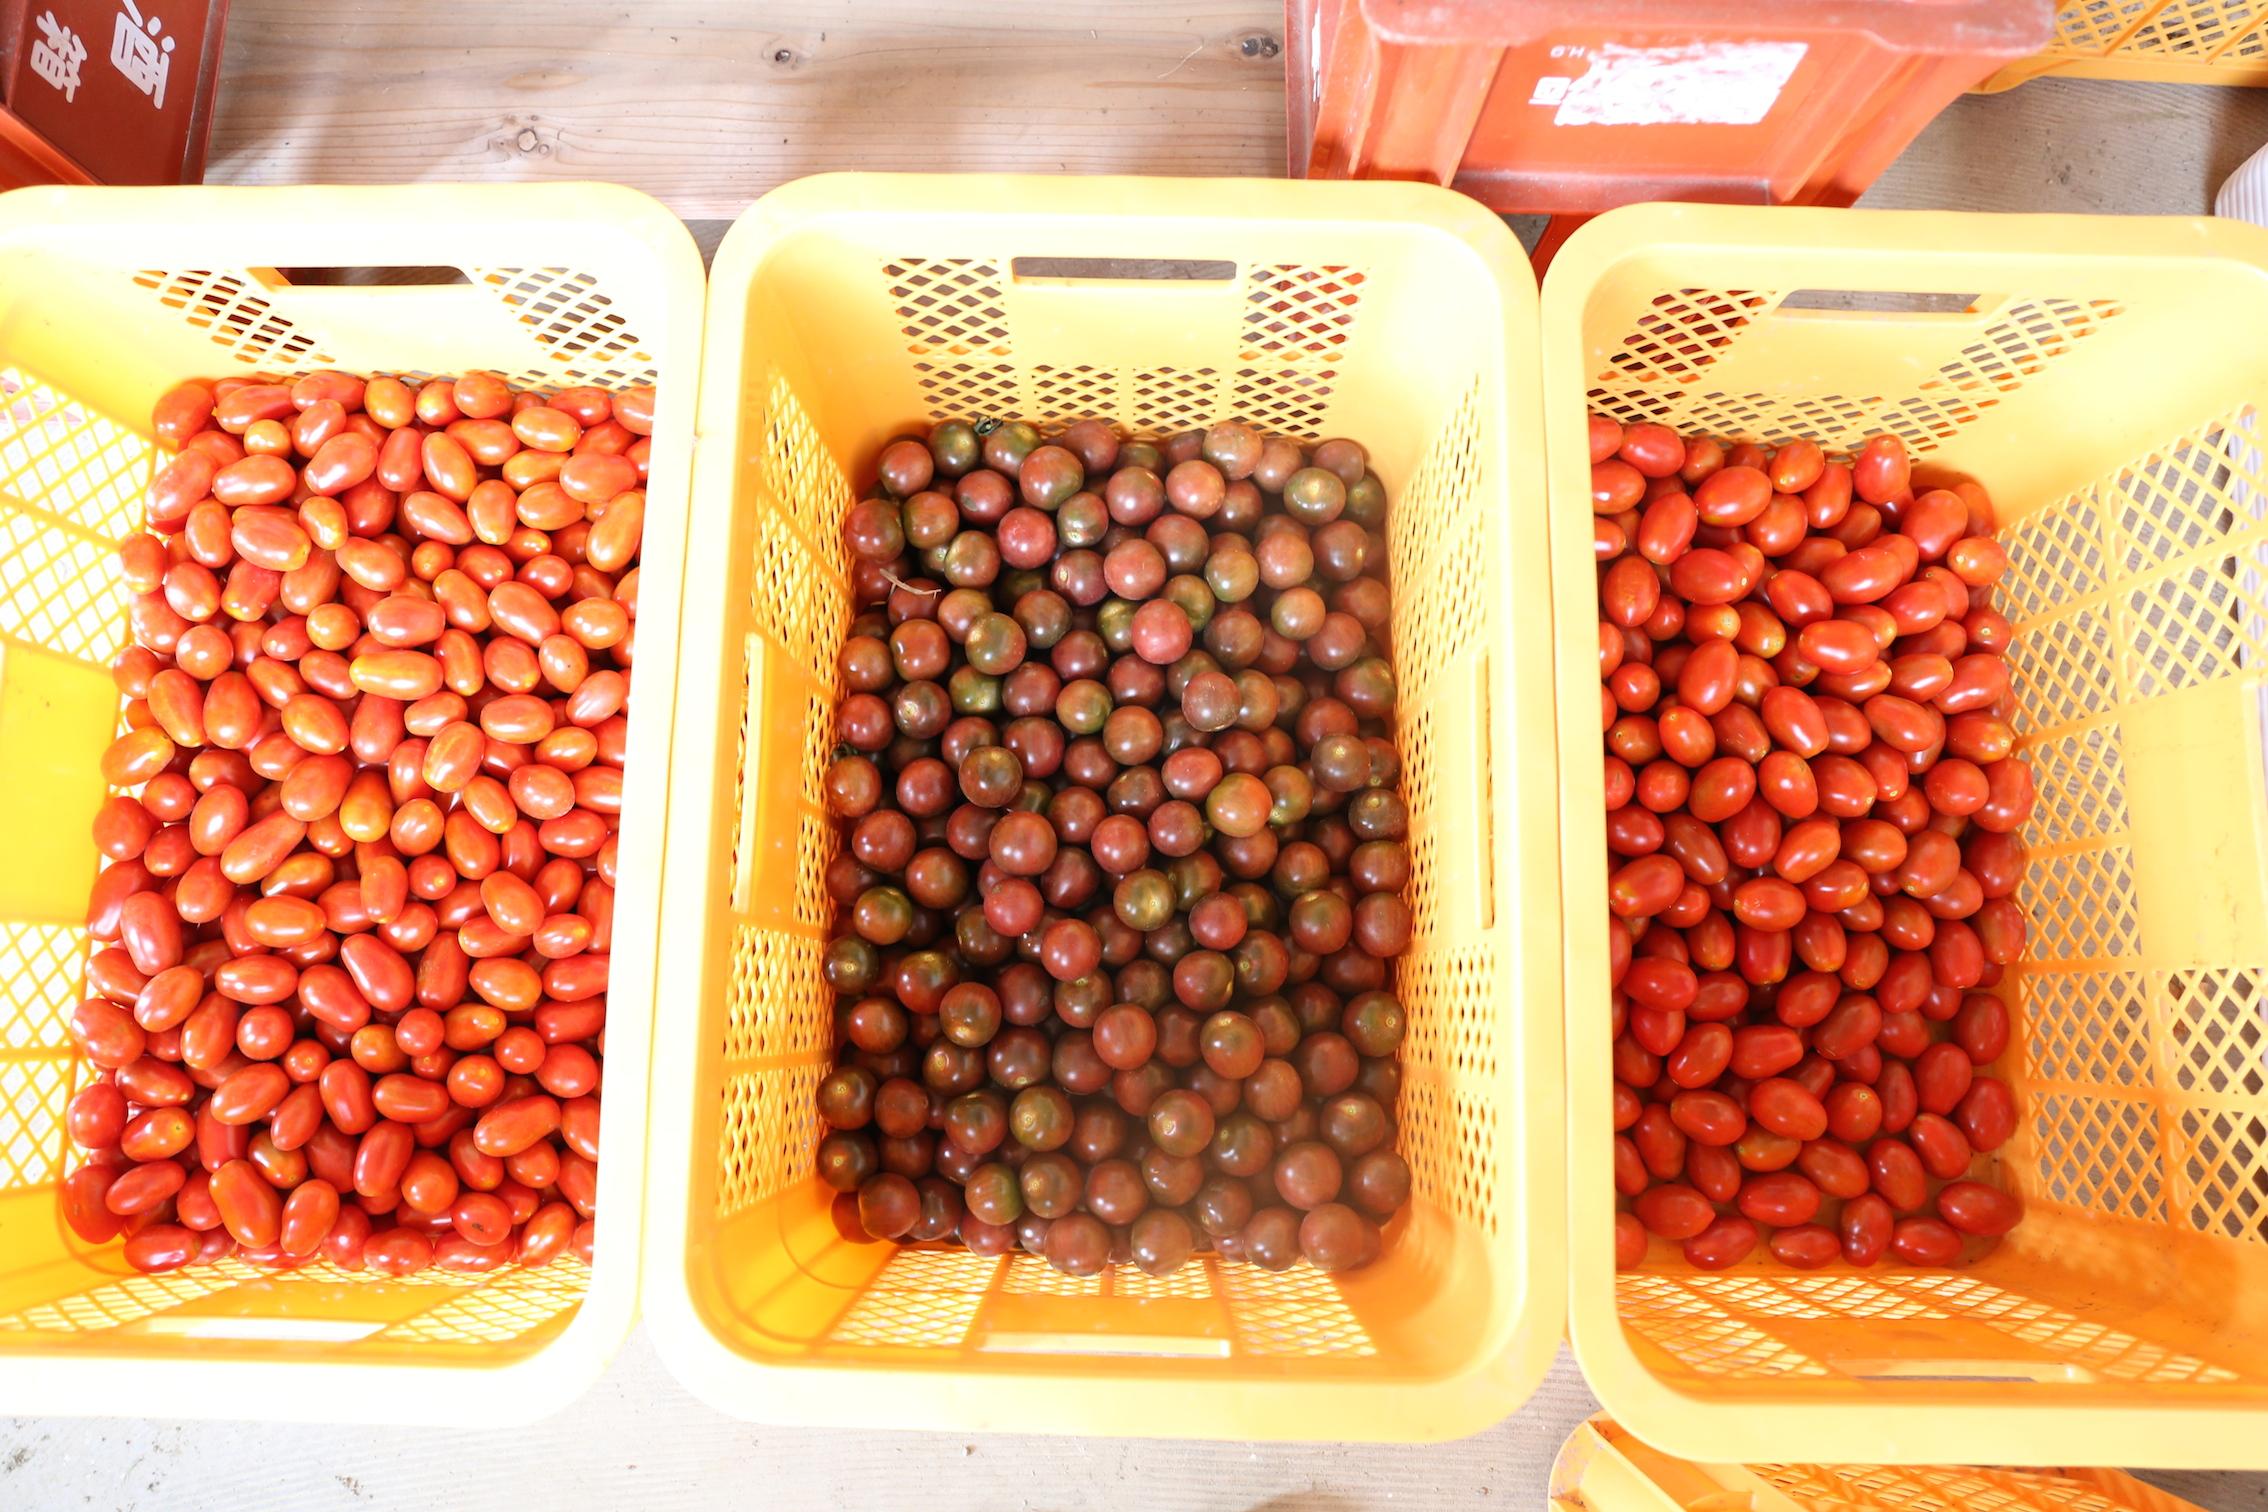 つなぐ農園のフレッシュなトマトたち